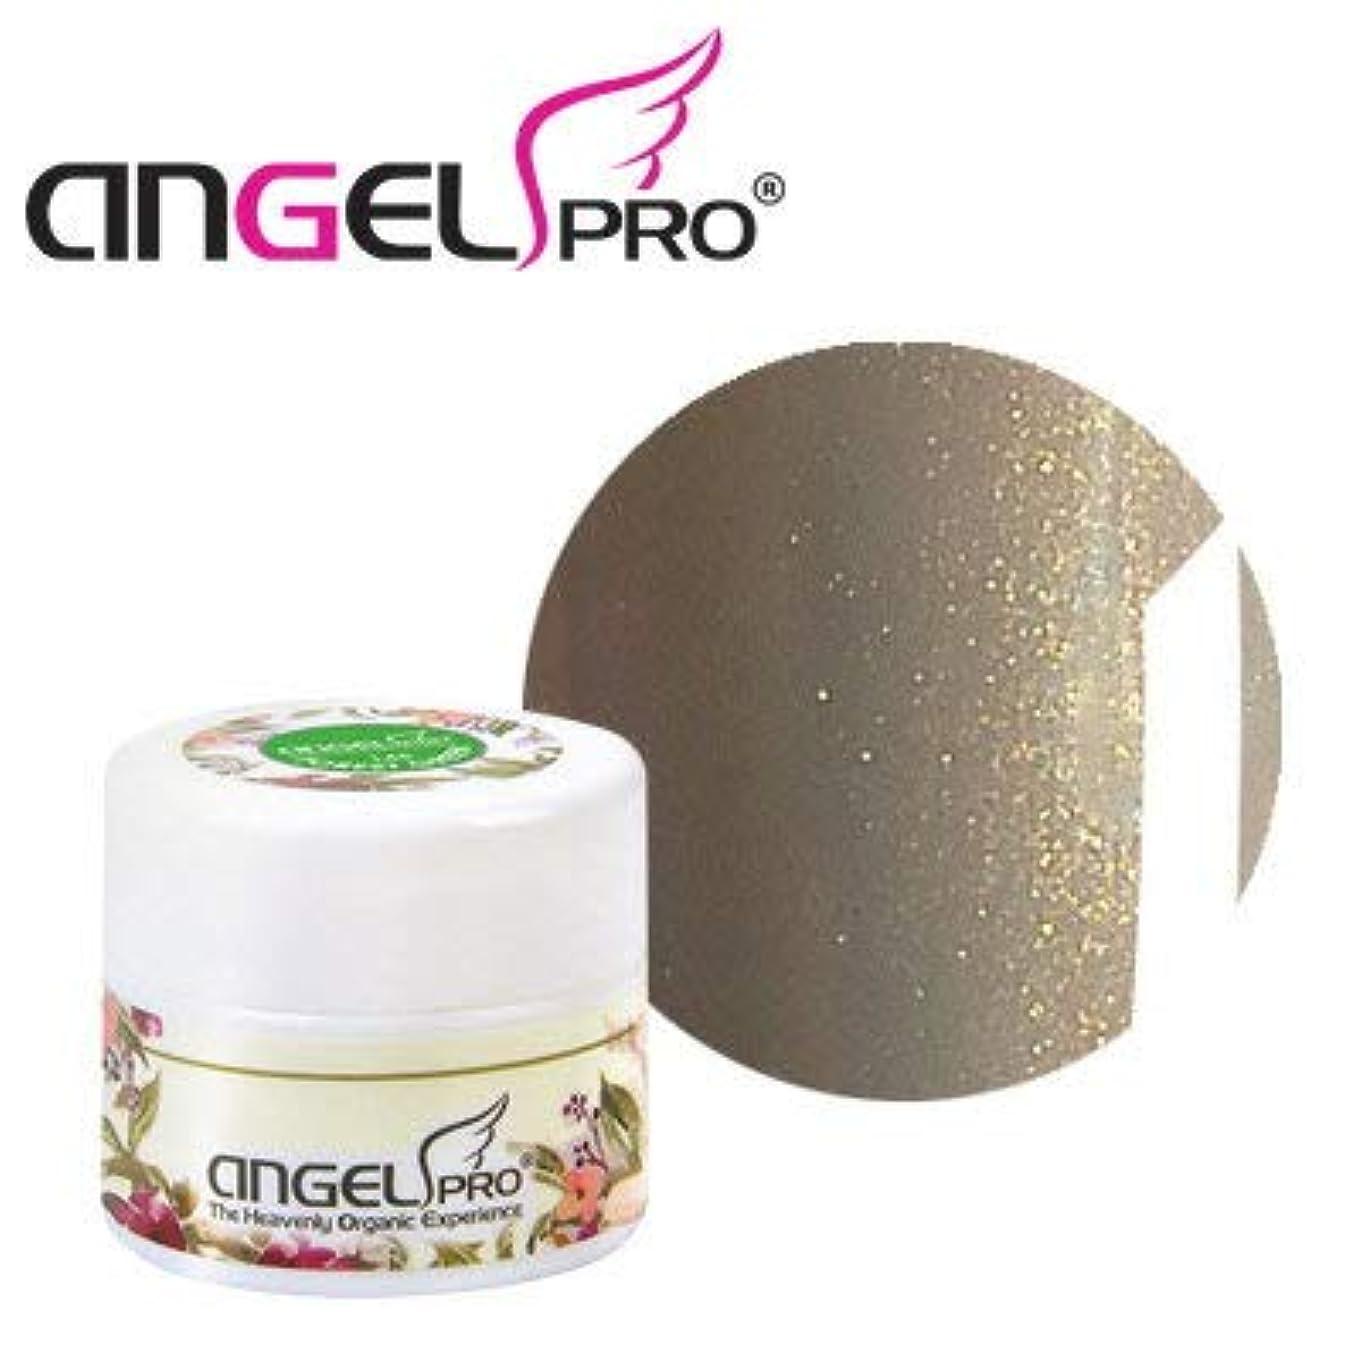 ANGEL PRO ポットジェリー #108 OLIVE 4g